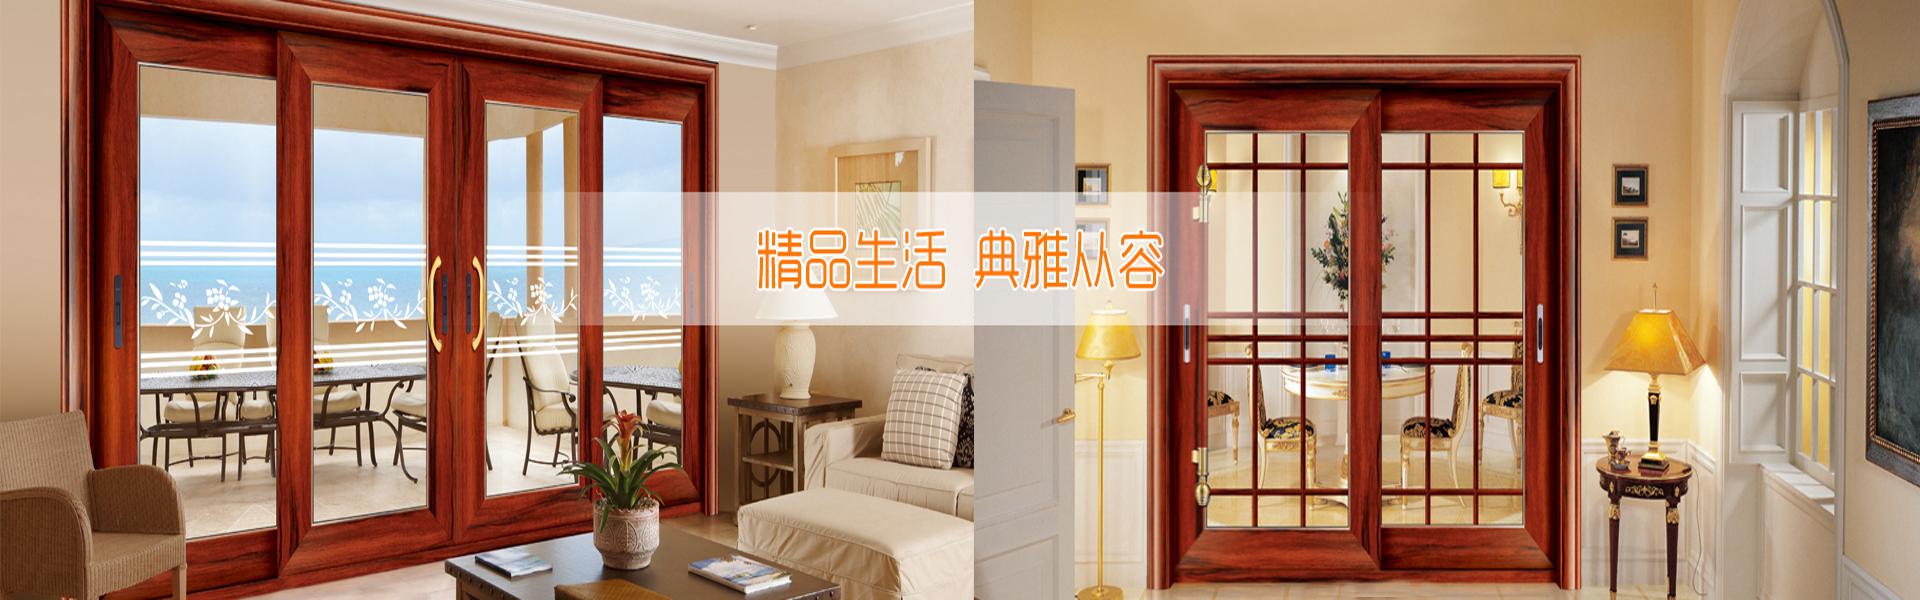 徐州草莓视频下载a 門窗